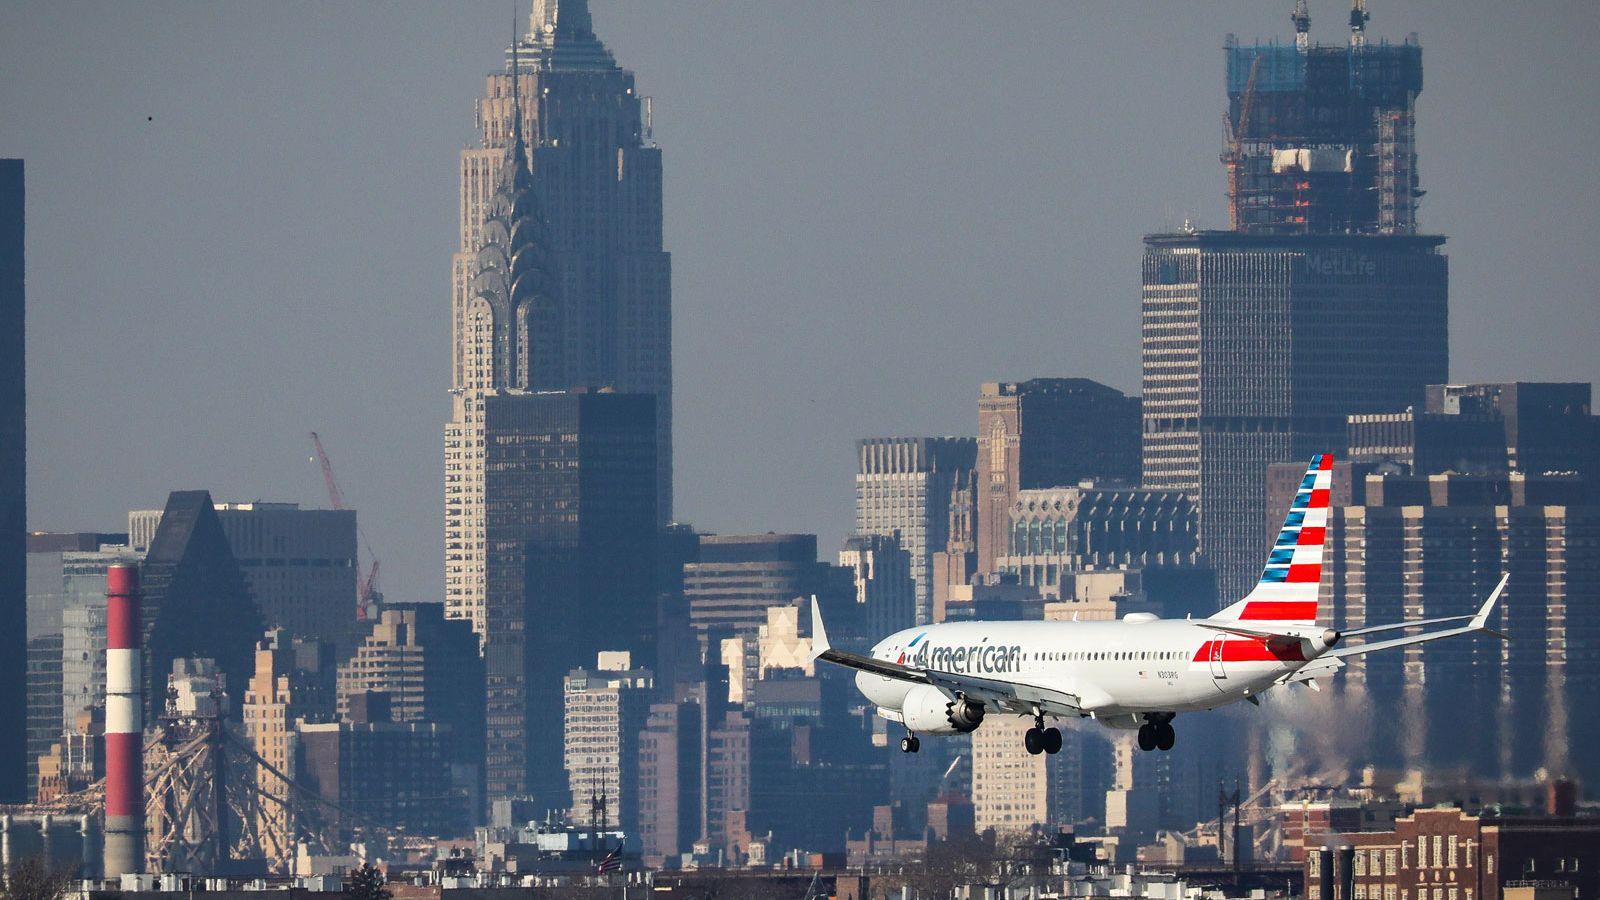 737 MAX二度目の事故 行き過ぎた「自動化」に 問題はないか?